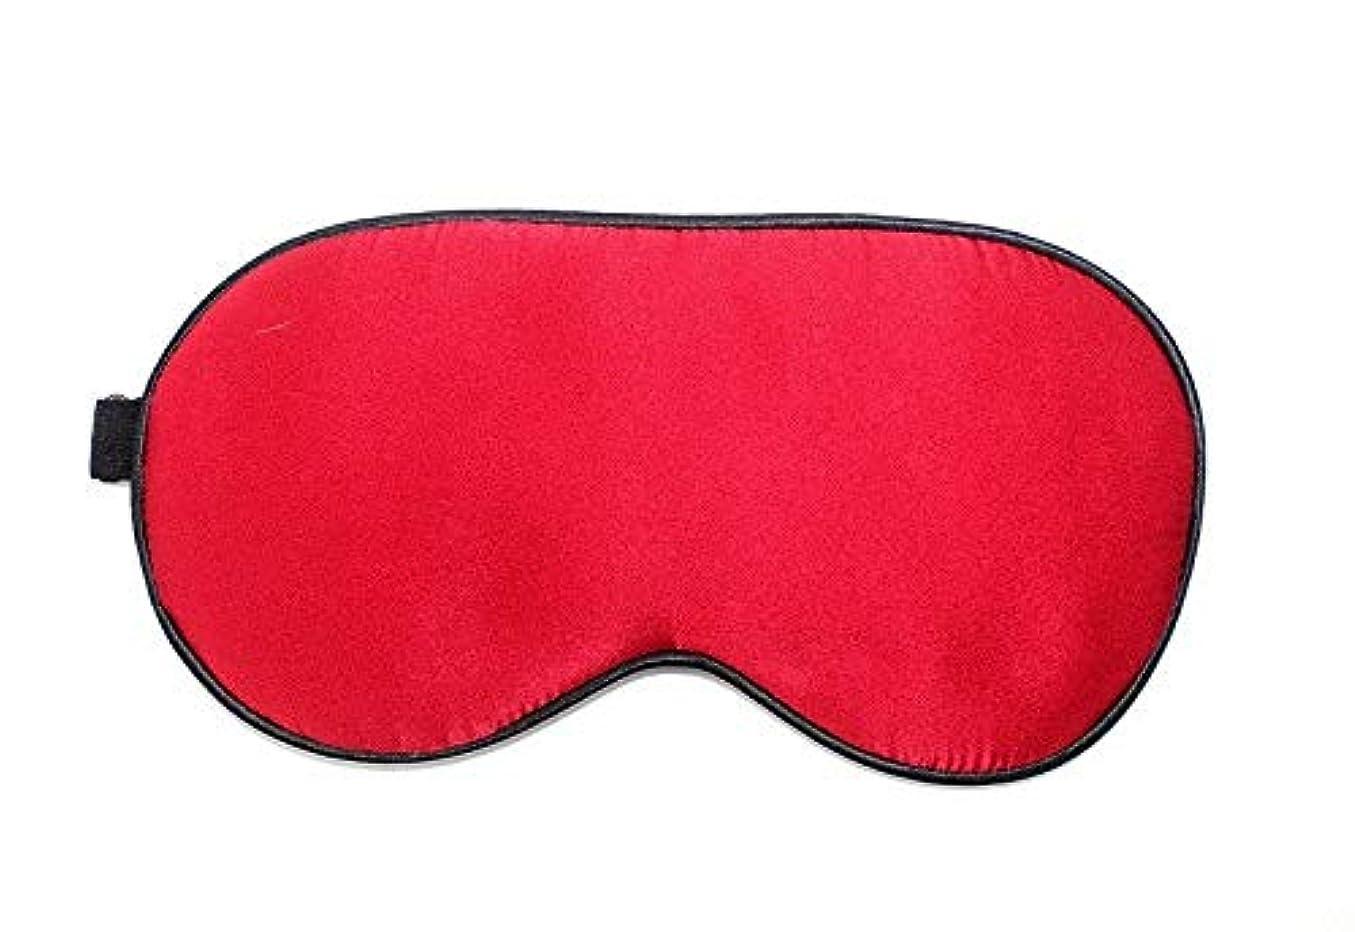 報復するサンダル衝突するNOTE 睡眠マスクアイパッチ睡眠マスク高級シルクアイシェードファッションソフトポータブル旅行リラックス睡眠補助MP0188